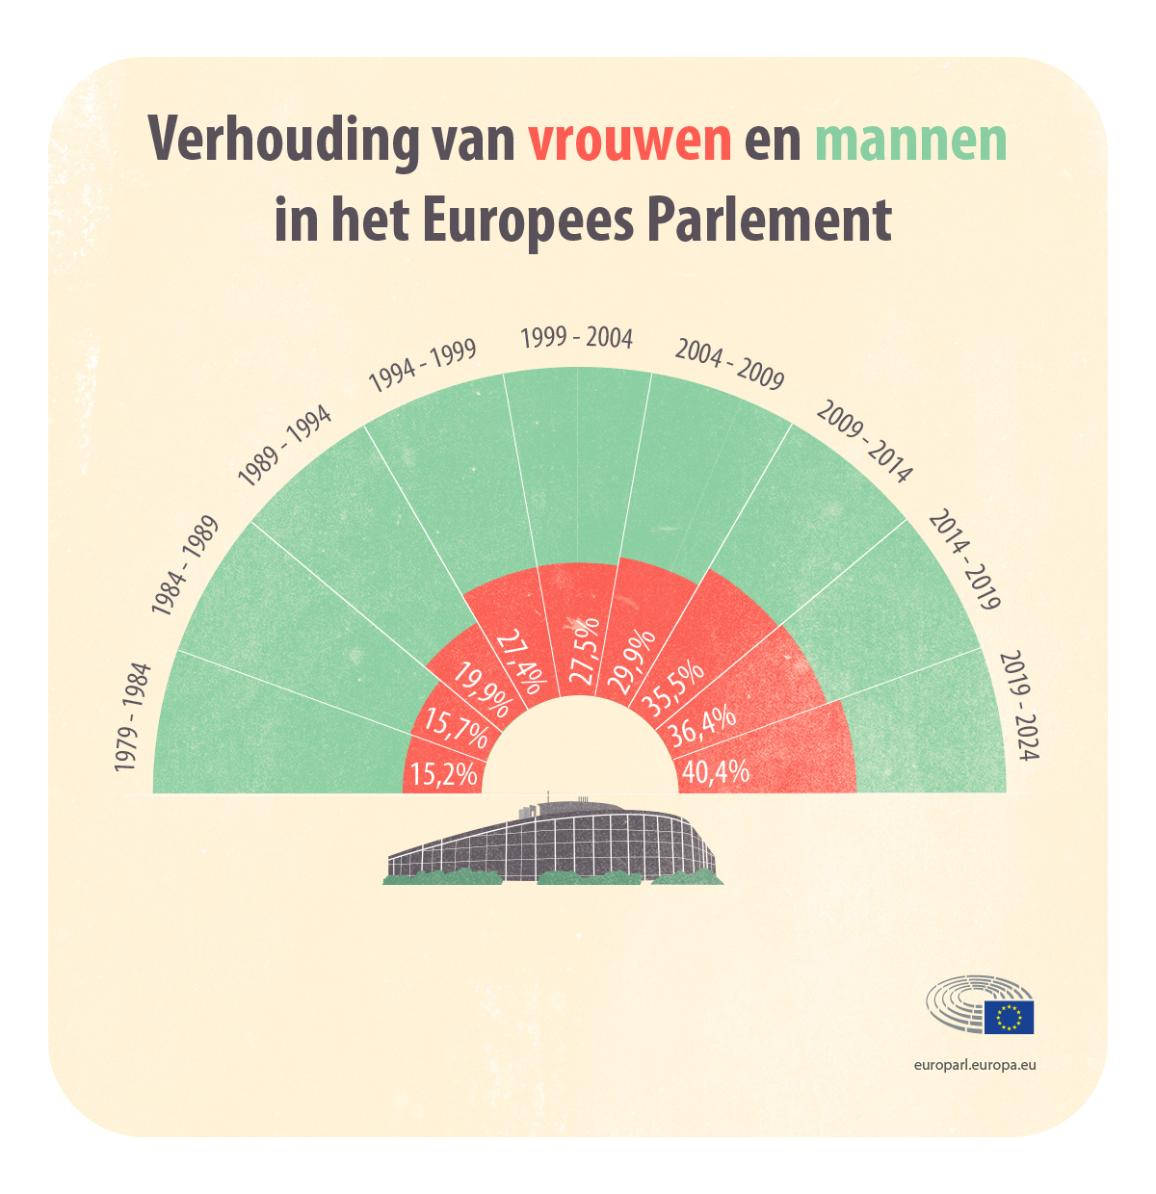 Infographic betreffende de verhouding van vrouwen en mannen in het EP.